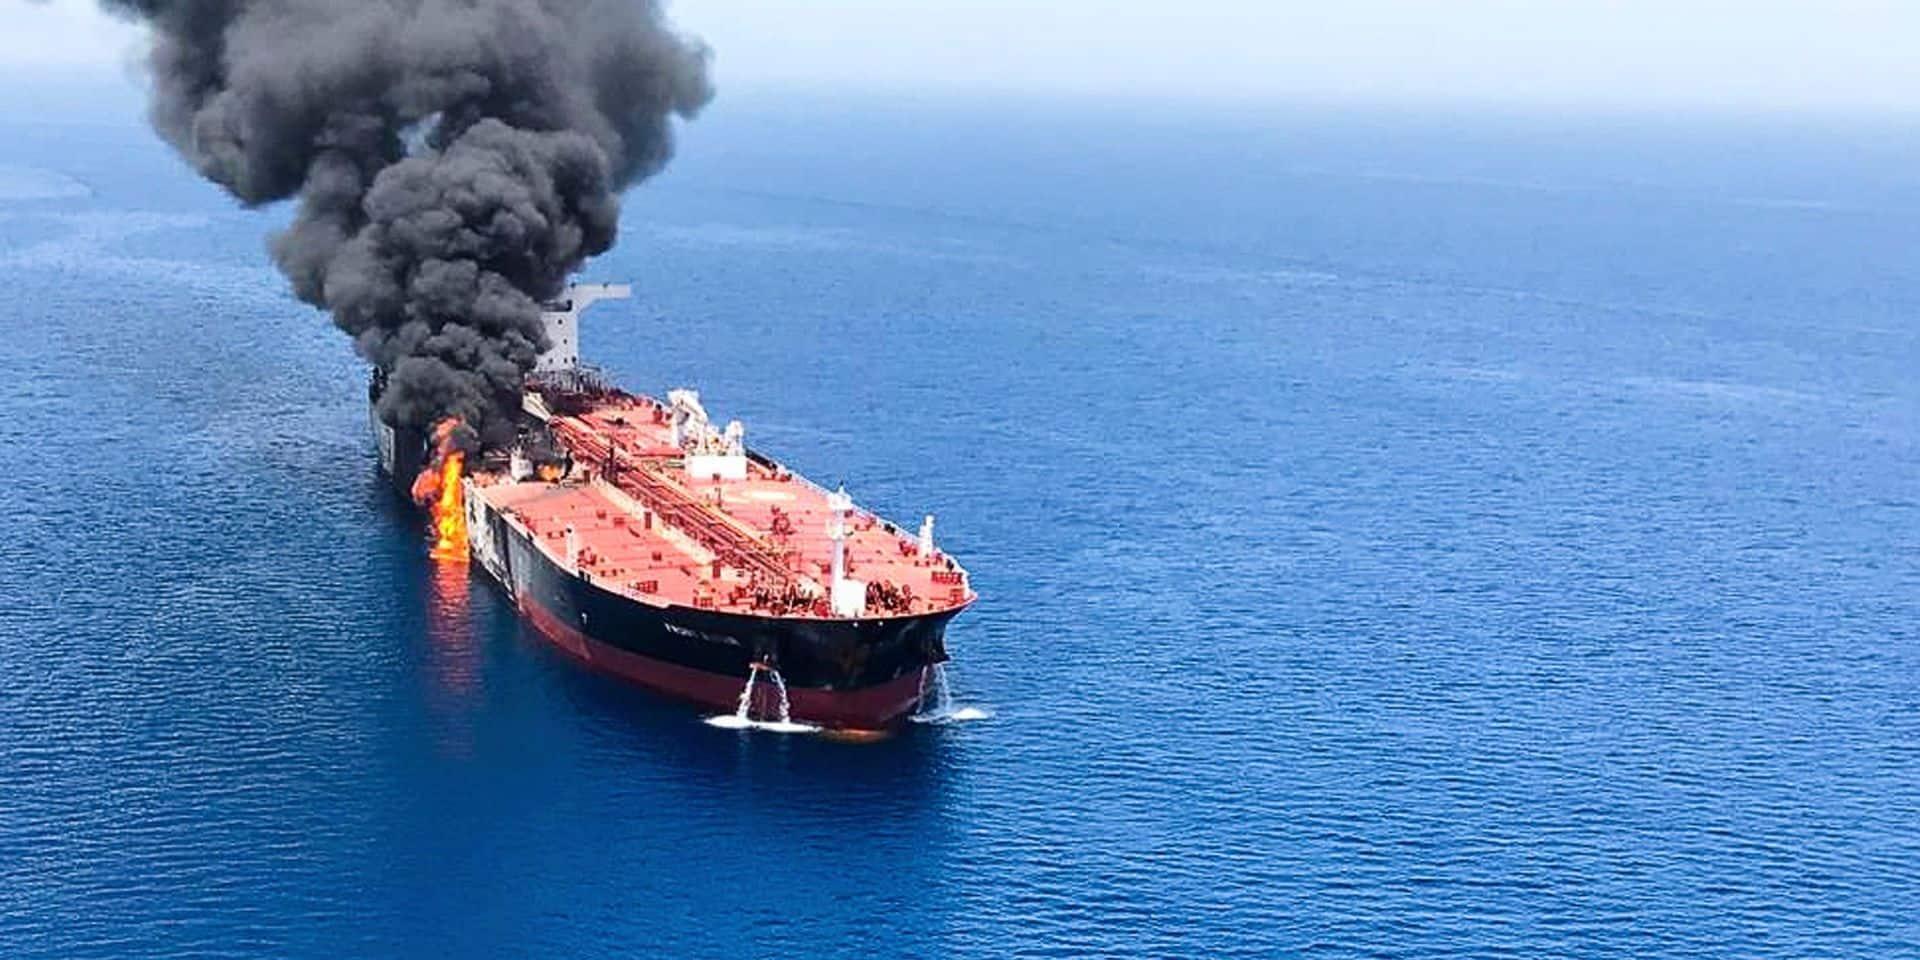 """Attaque de deux pétroliers: ces alliés des Etats-Unis qui pourraient être derrière cette """"manipulation orchestrée"""""""